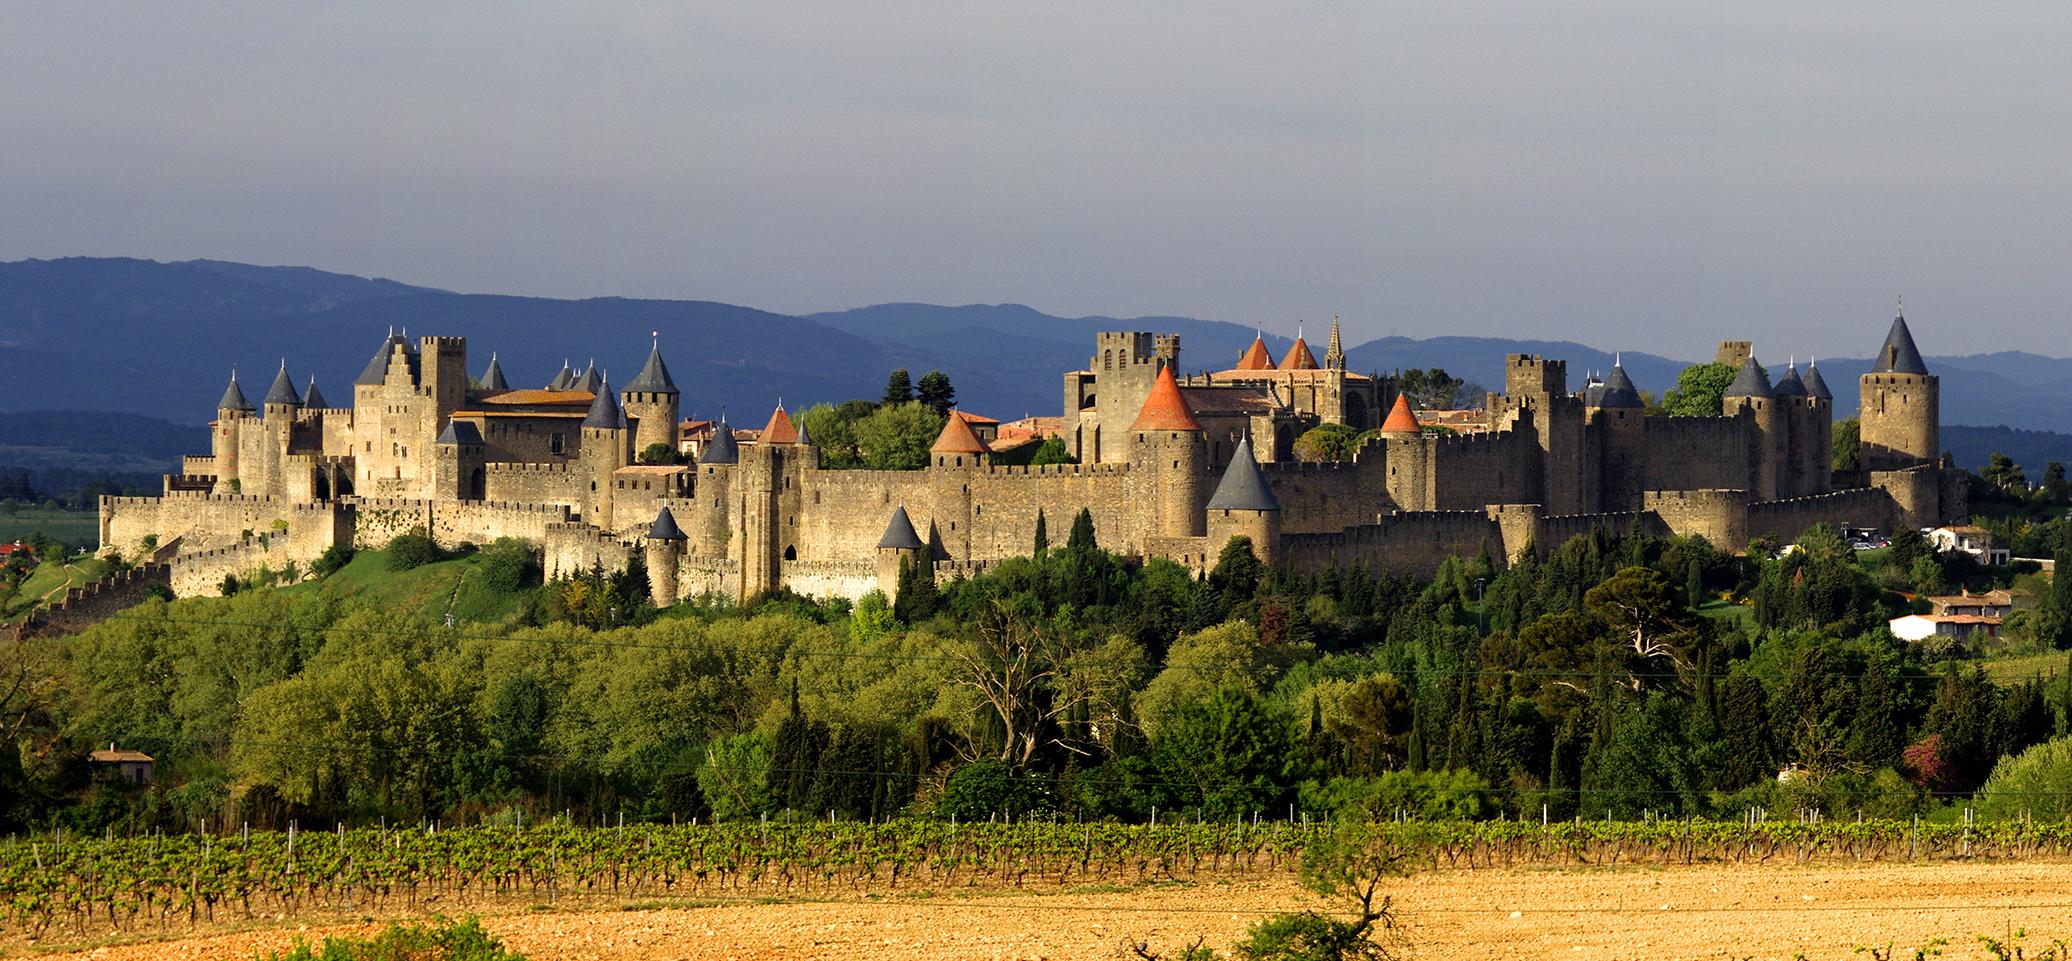 Castillos de Carcassonne - 2072x961